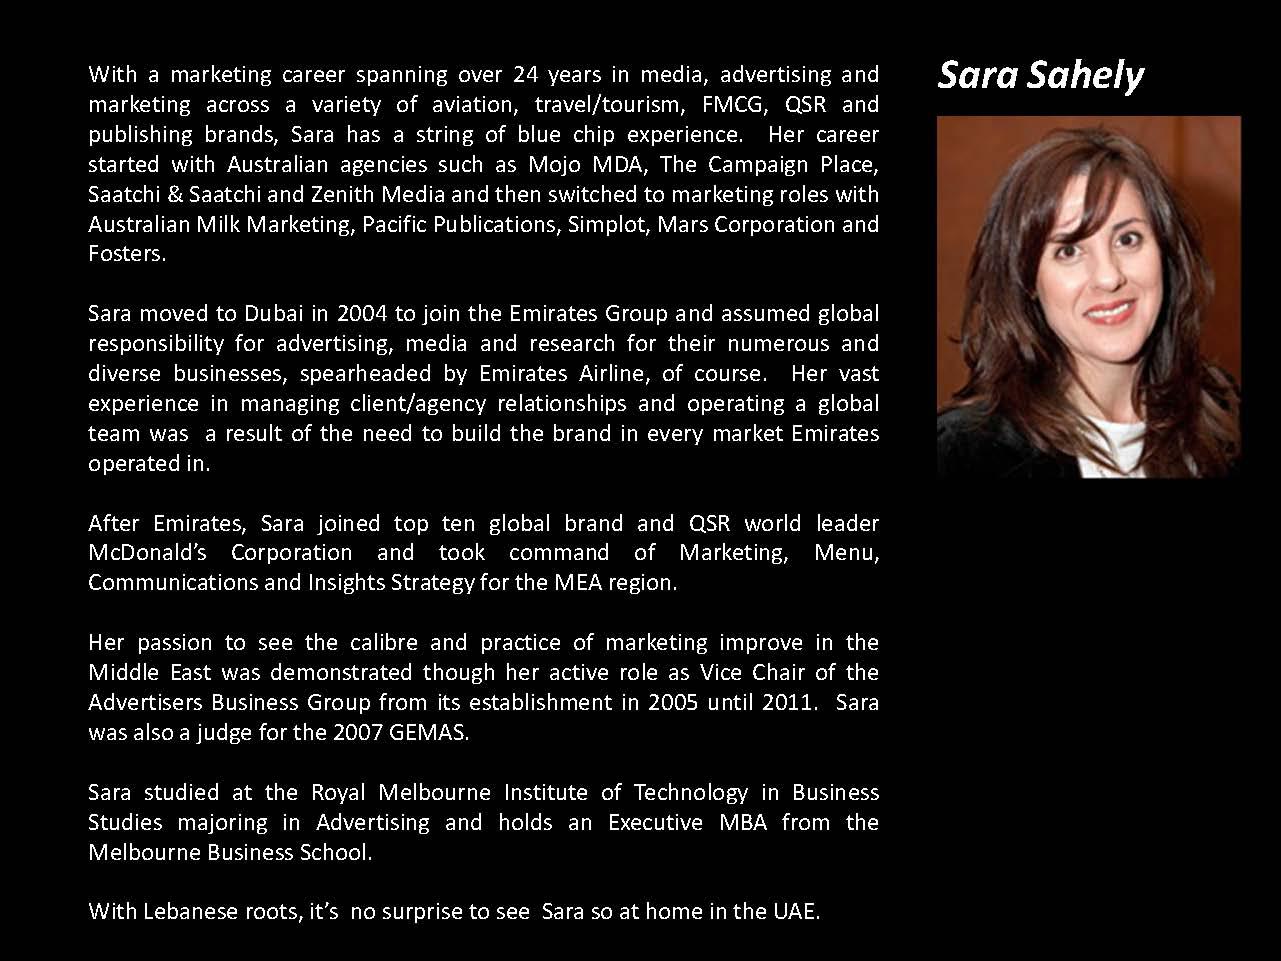 Sara Sahely Bio 2015